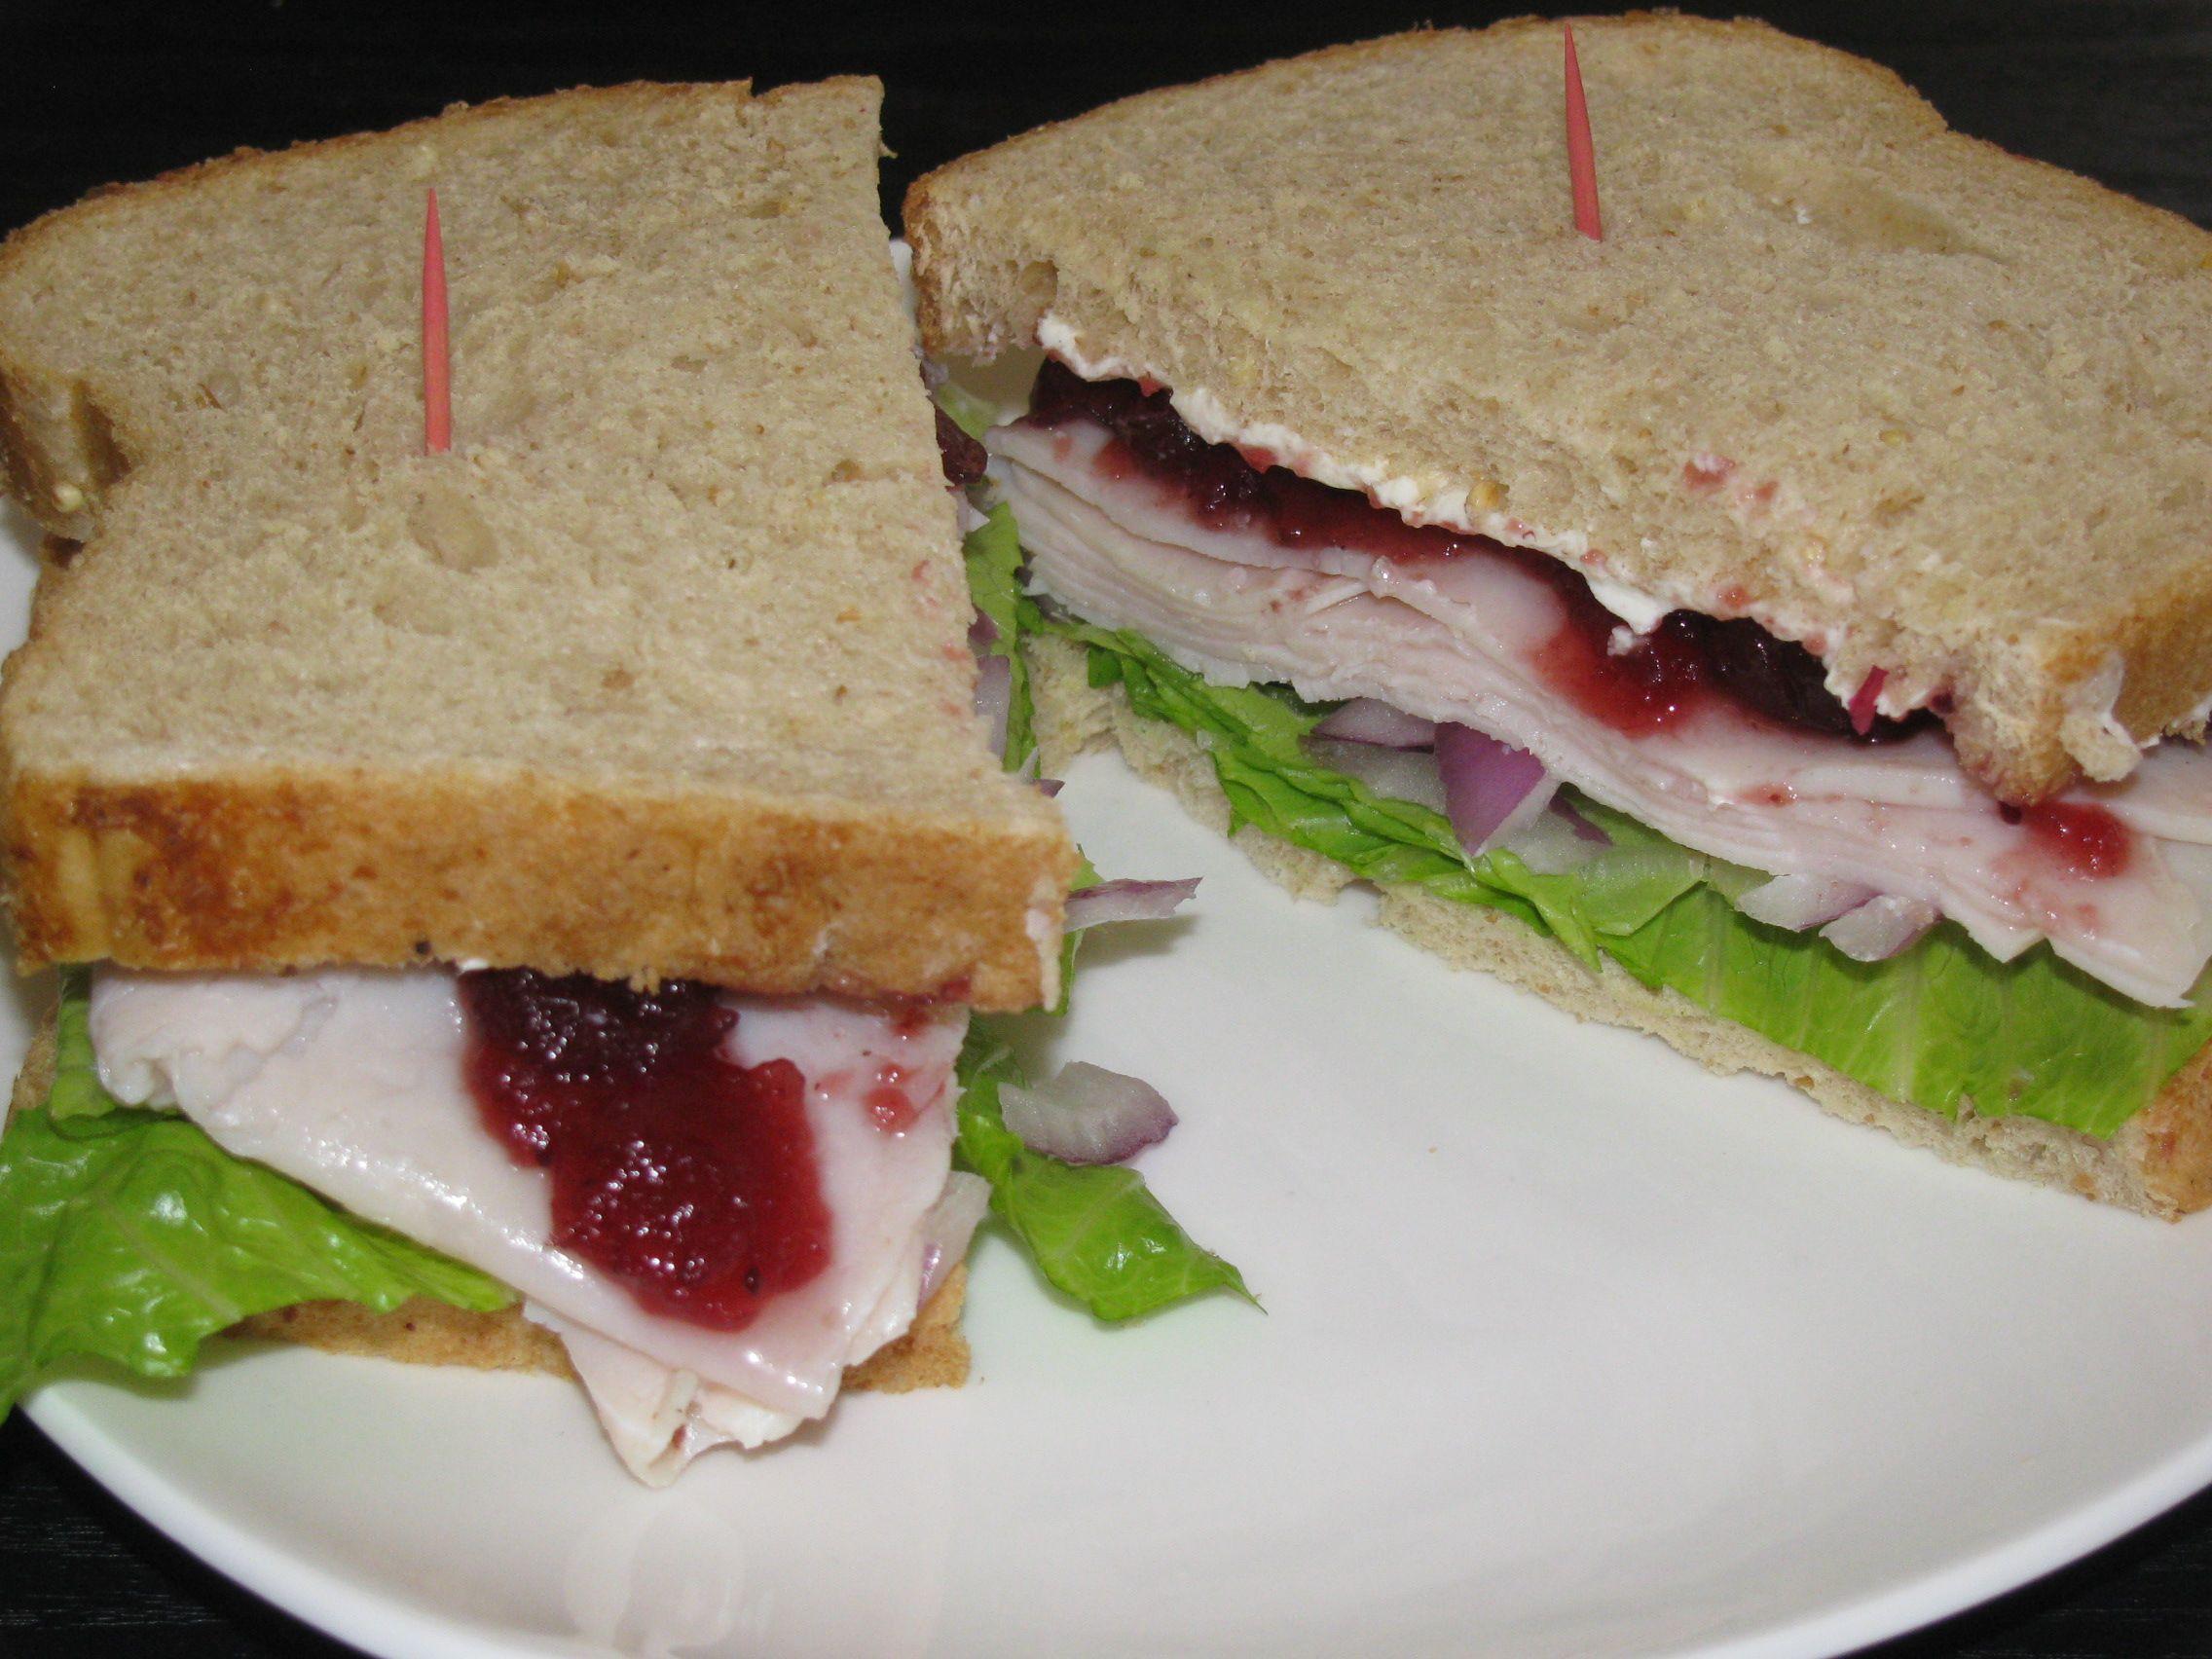 Steak, Avocado and Cheddar Healthy Panini Sandwich